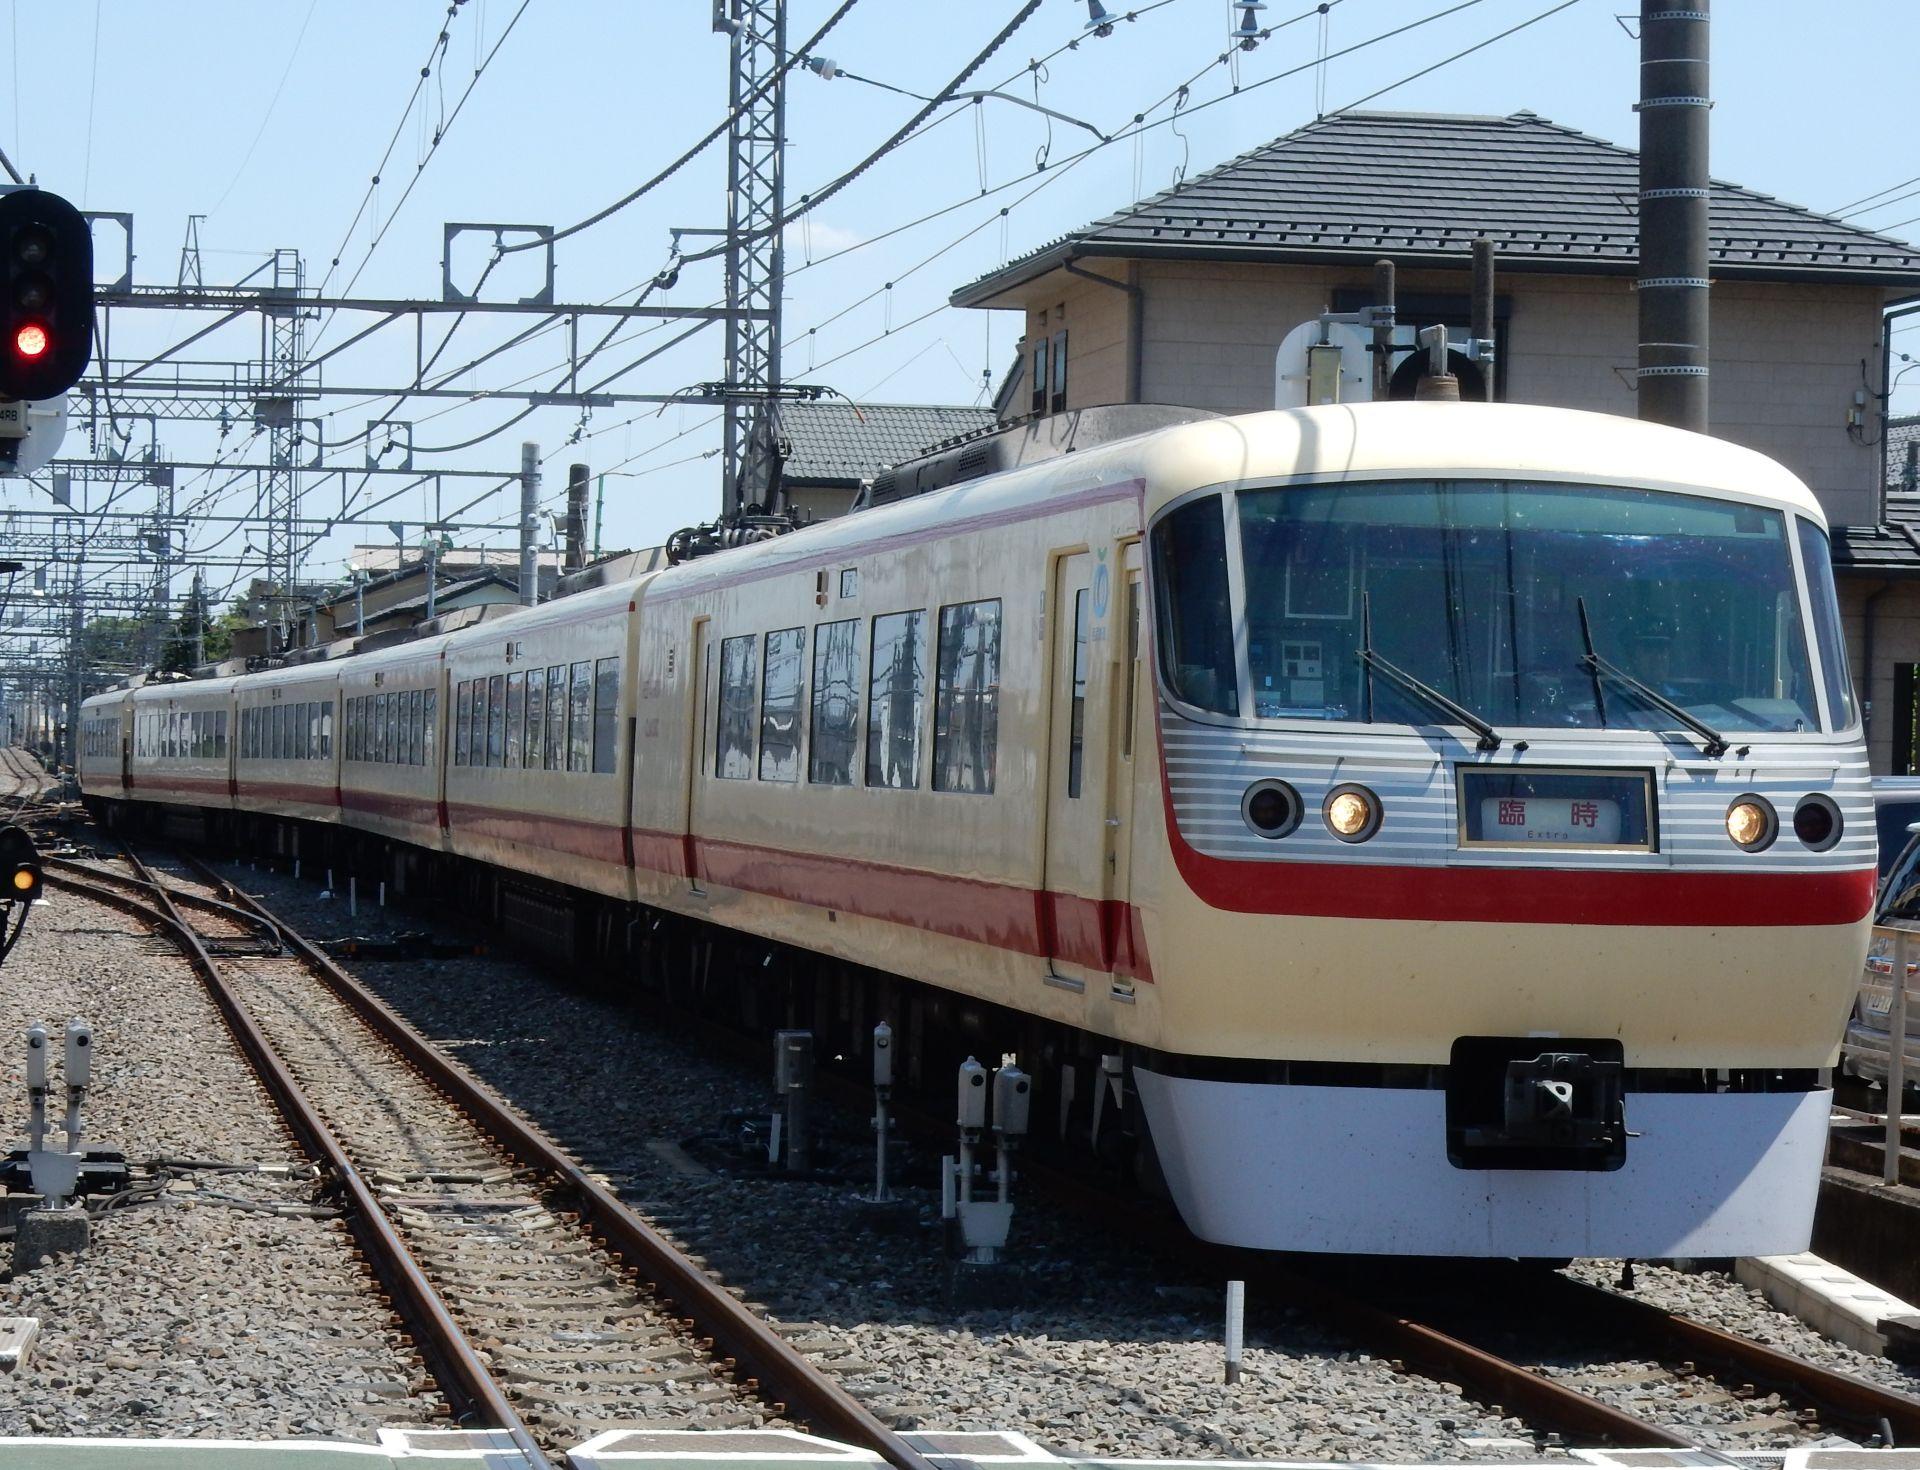 DSCN8994 - コピー